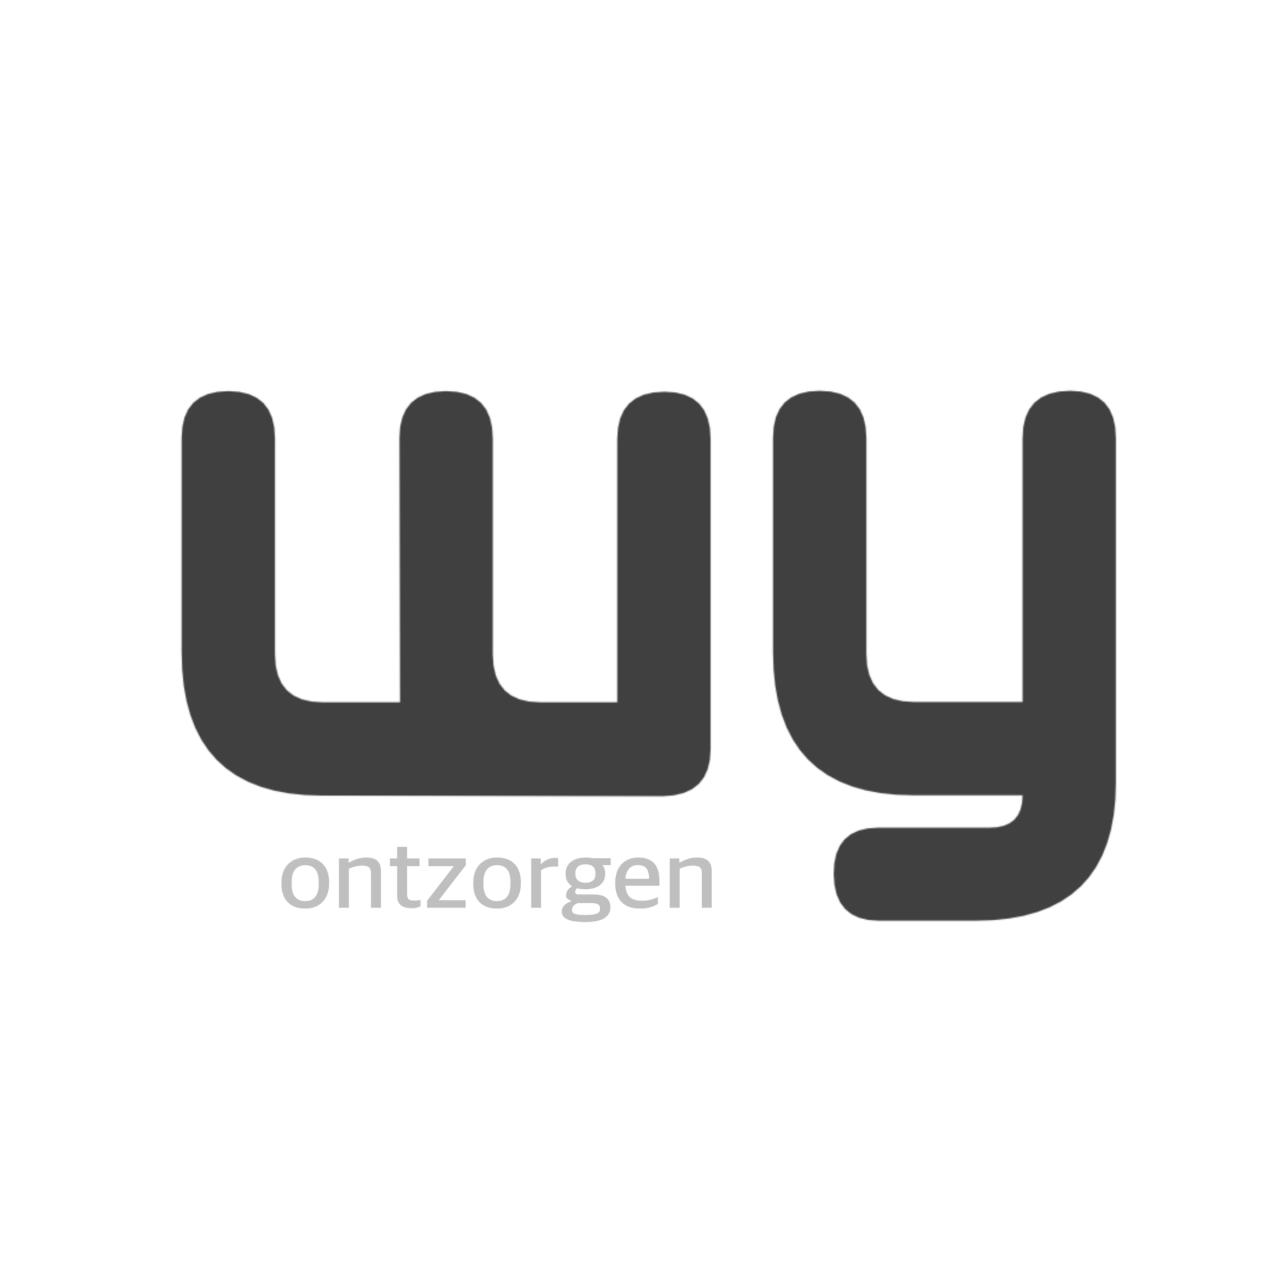 Logo WY ontzorgen   alles voor events!